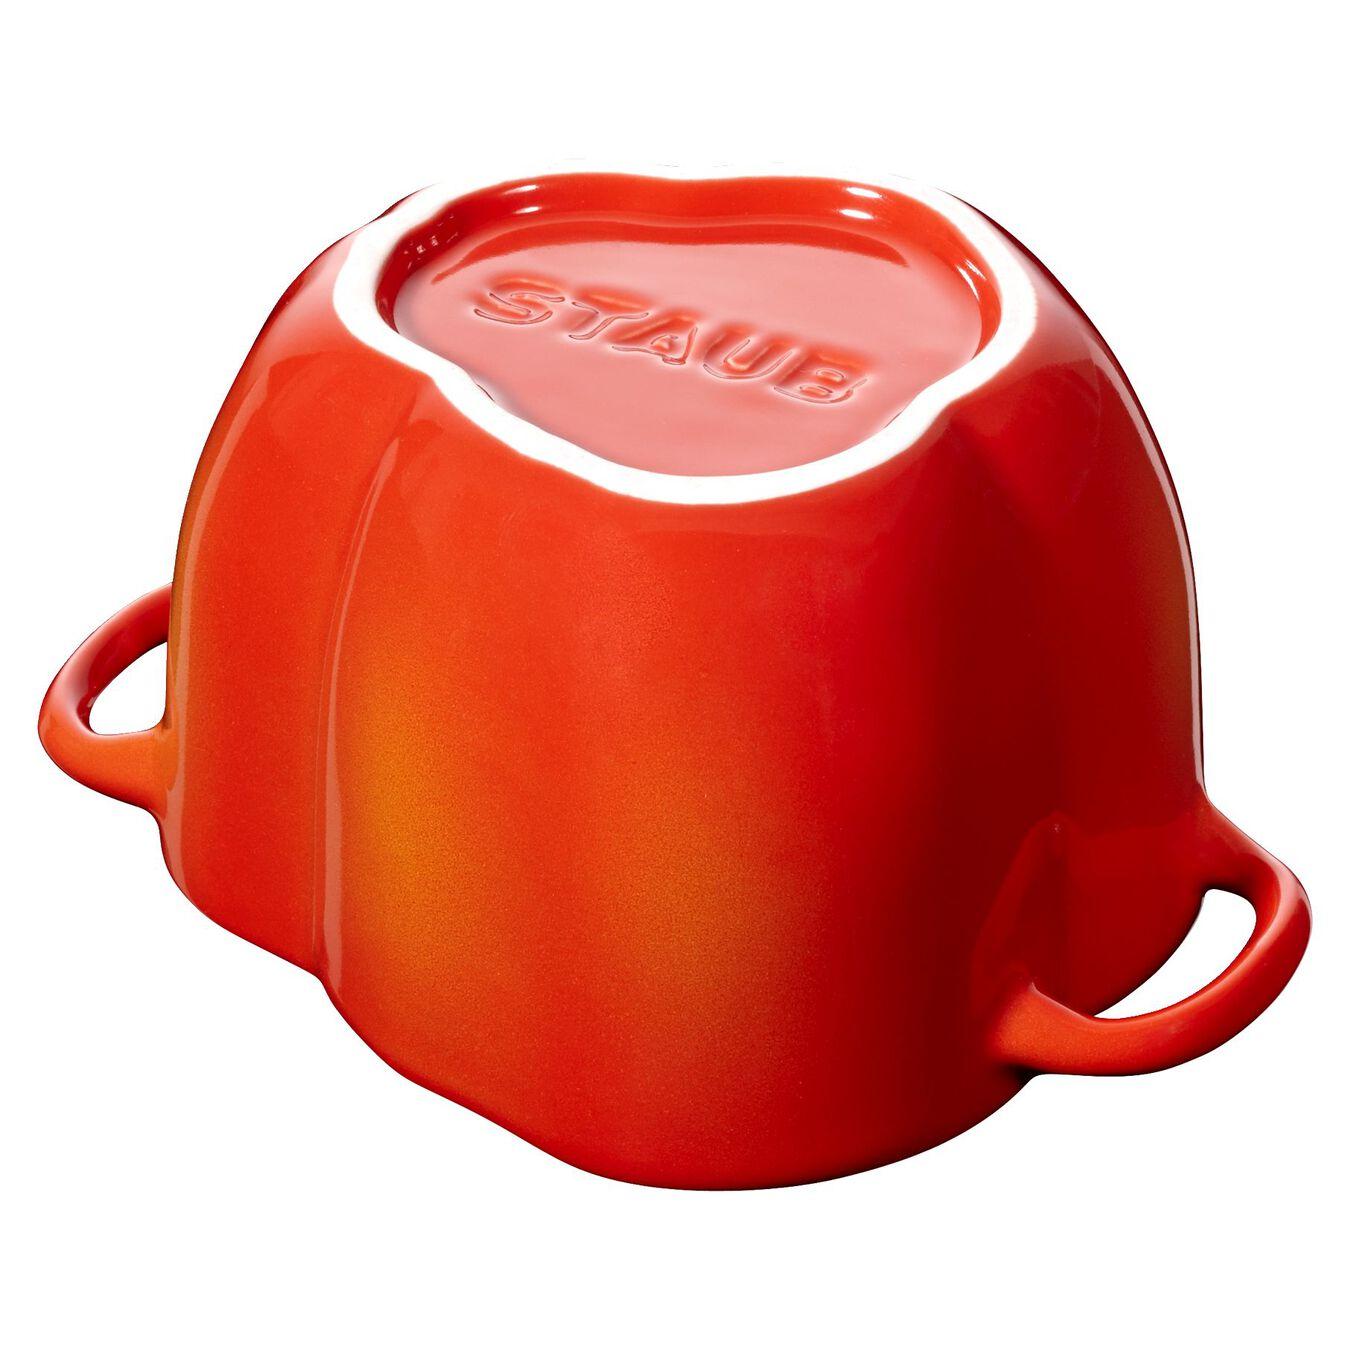 Cocotte 12 cm, Paprika, Orange-Rot, Keramik,,large 6